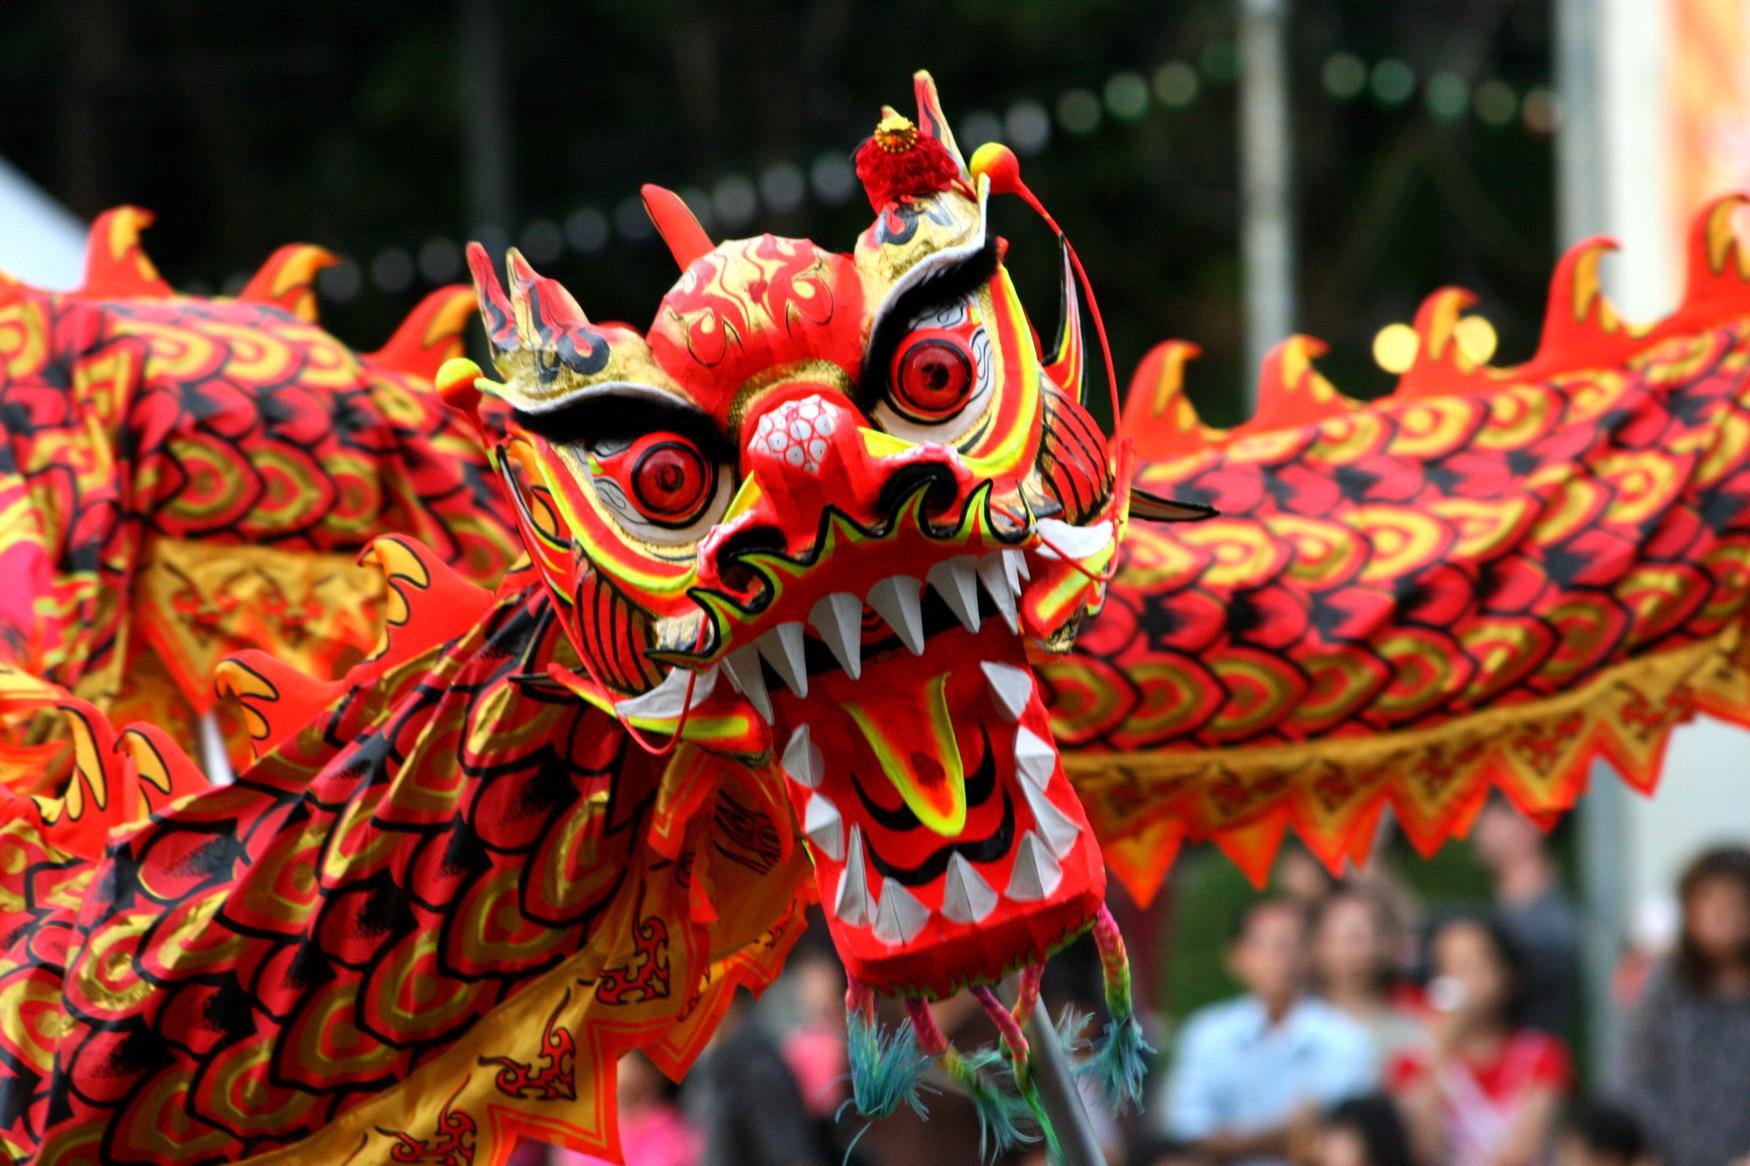 Am intrat in Anul Dragonului de Apa, cel mai norocos semn din zodiacul chinezesc